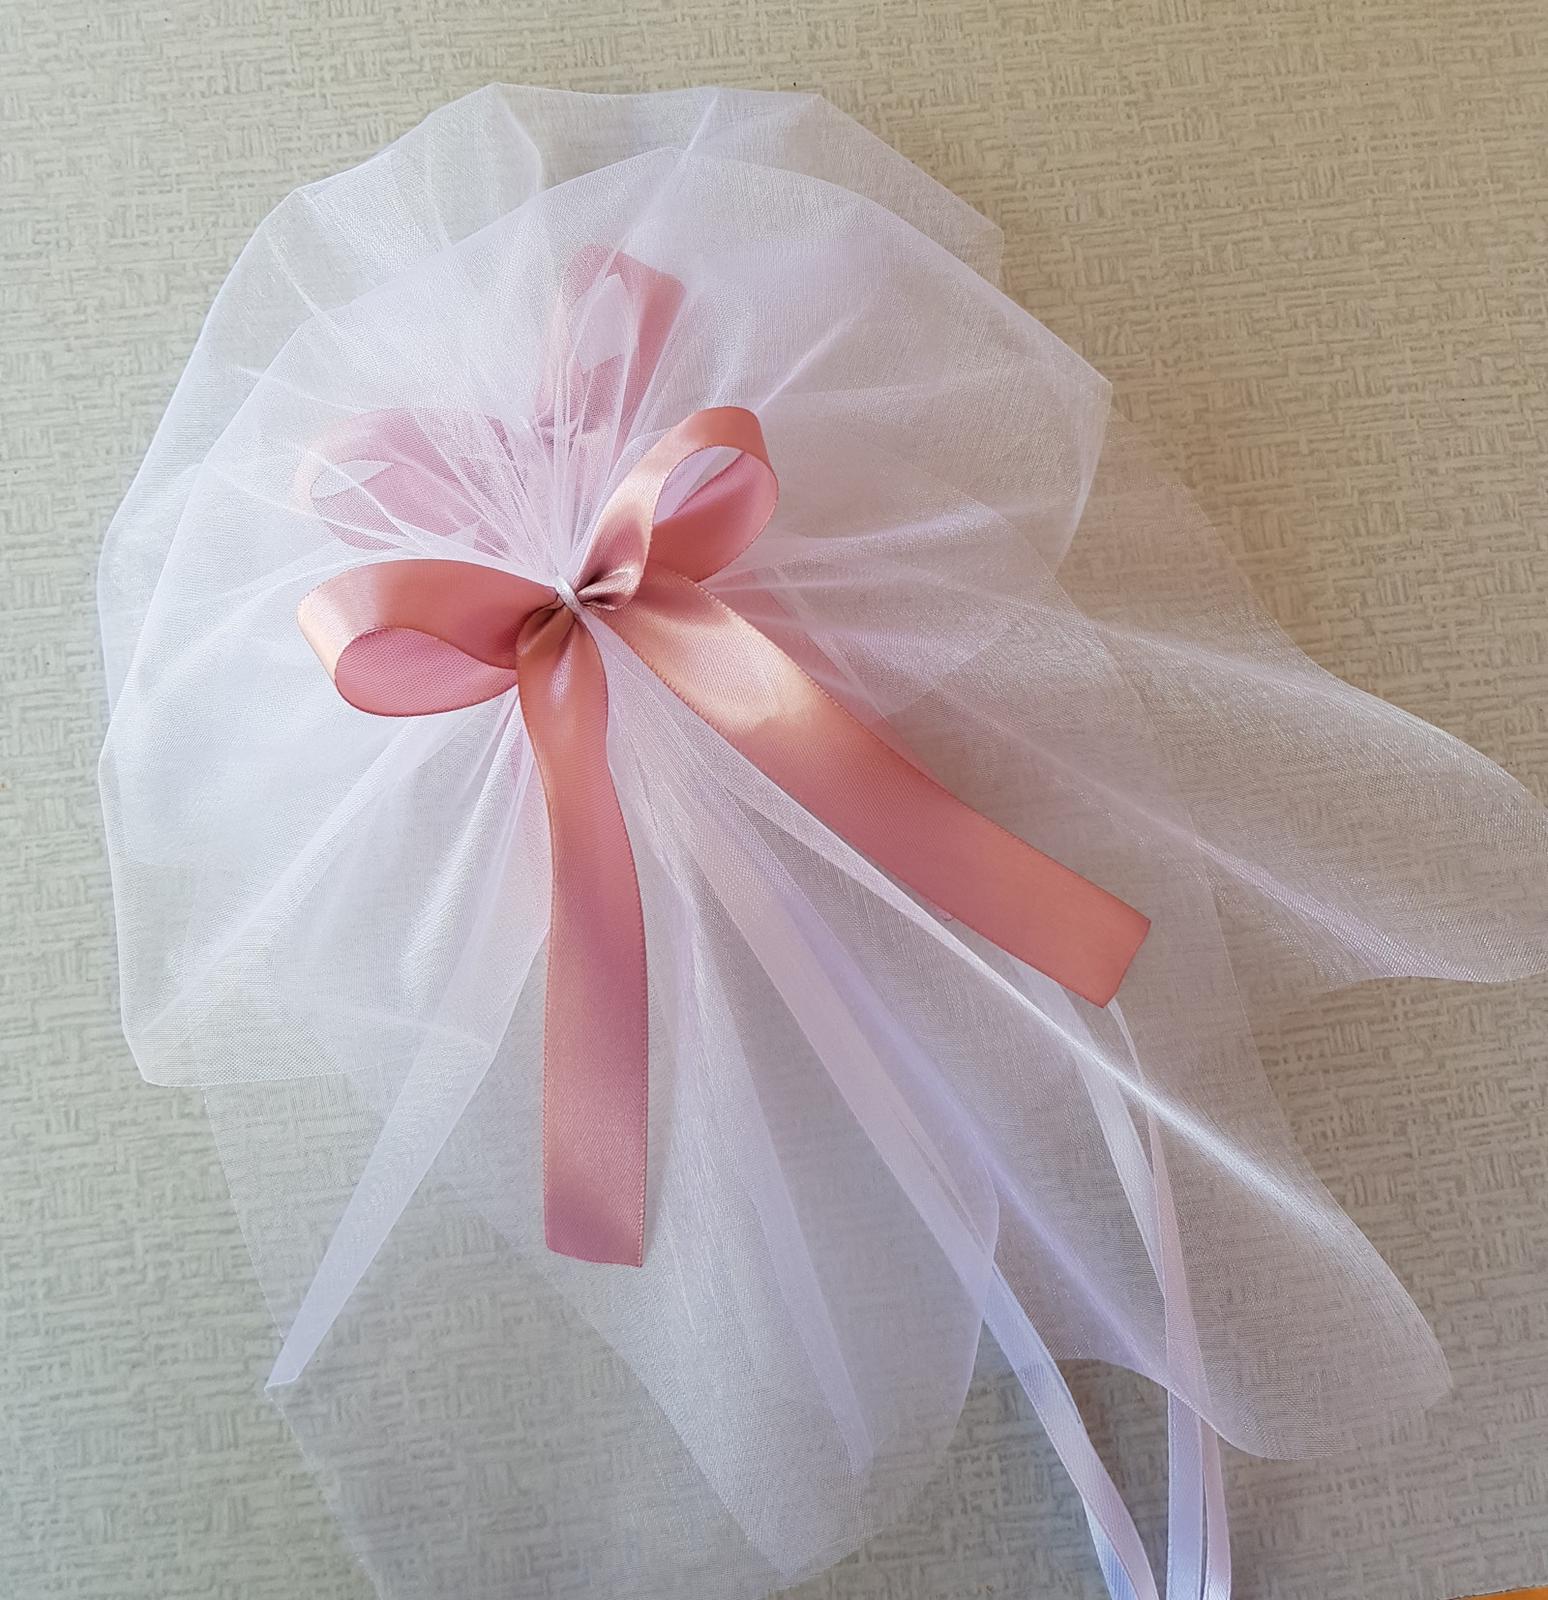 Srdce na kapotu bílá, růžová a starorůžová - Obrázek č. 3